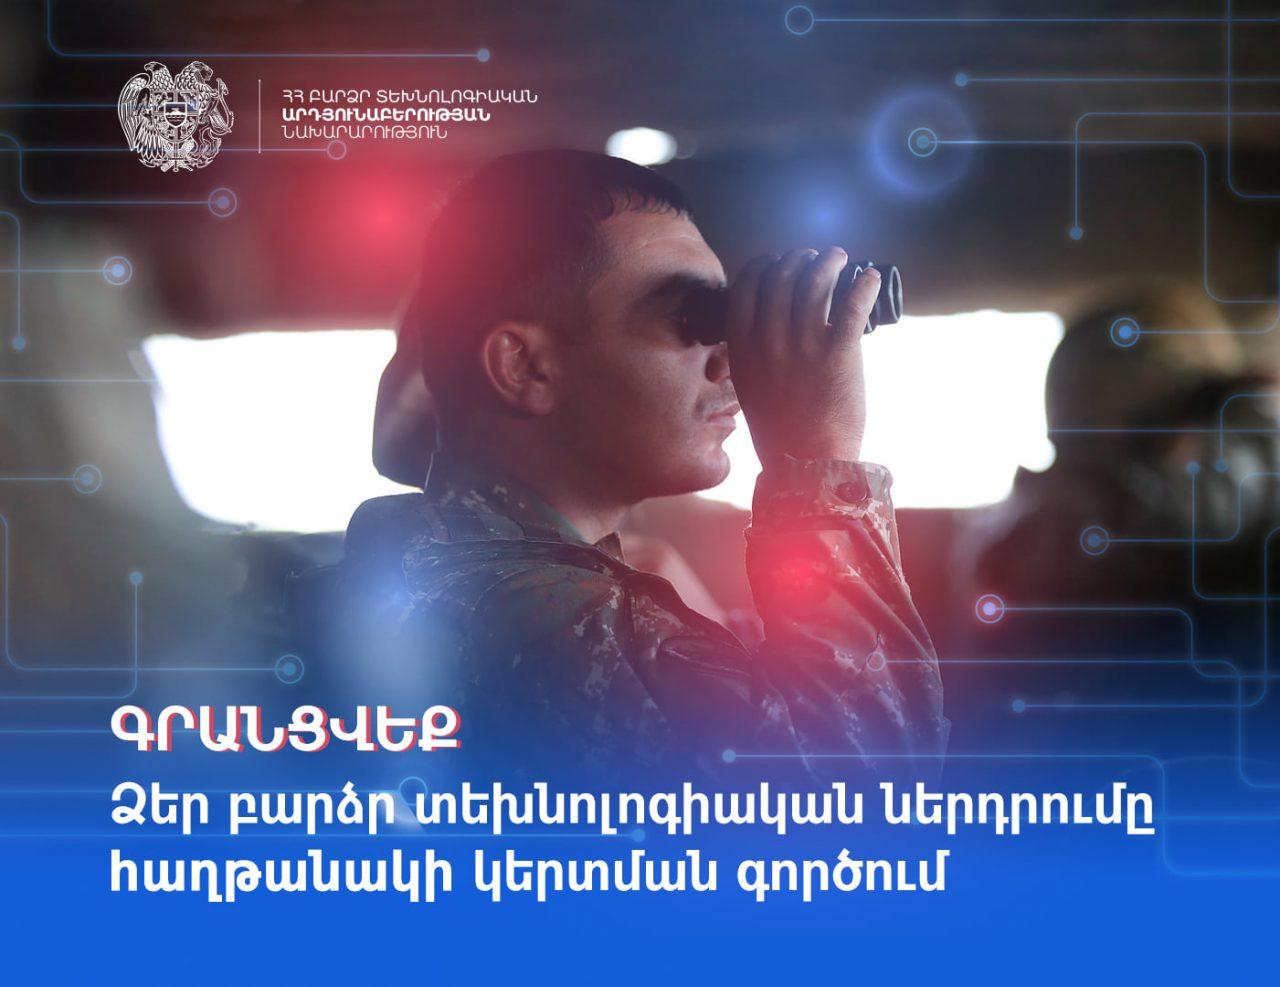 ՀՀ ԲՏԱ նախարարությունն առաջարկում է բարձր տեխնոլոգիական ներուժը կենտրոնացնել հաղթանակի կերտման համար